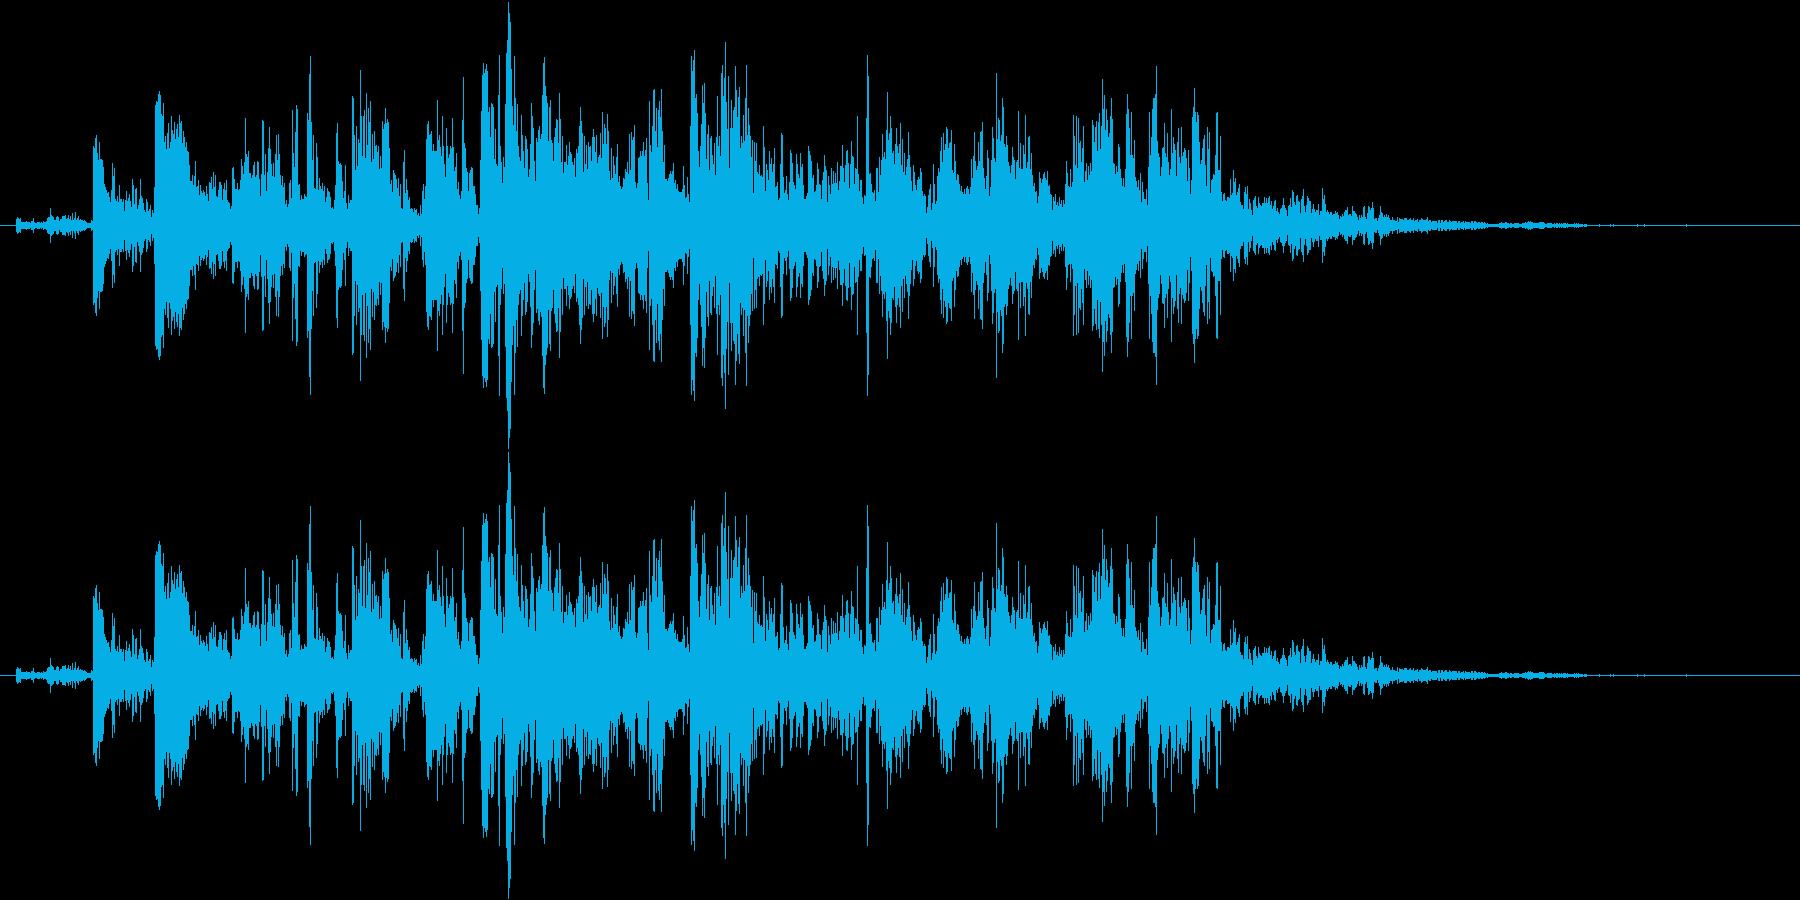 鎖を動かす音7【短い】の再生済みの波形